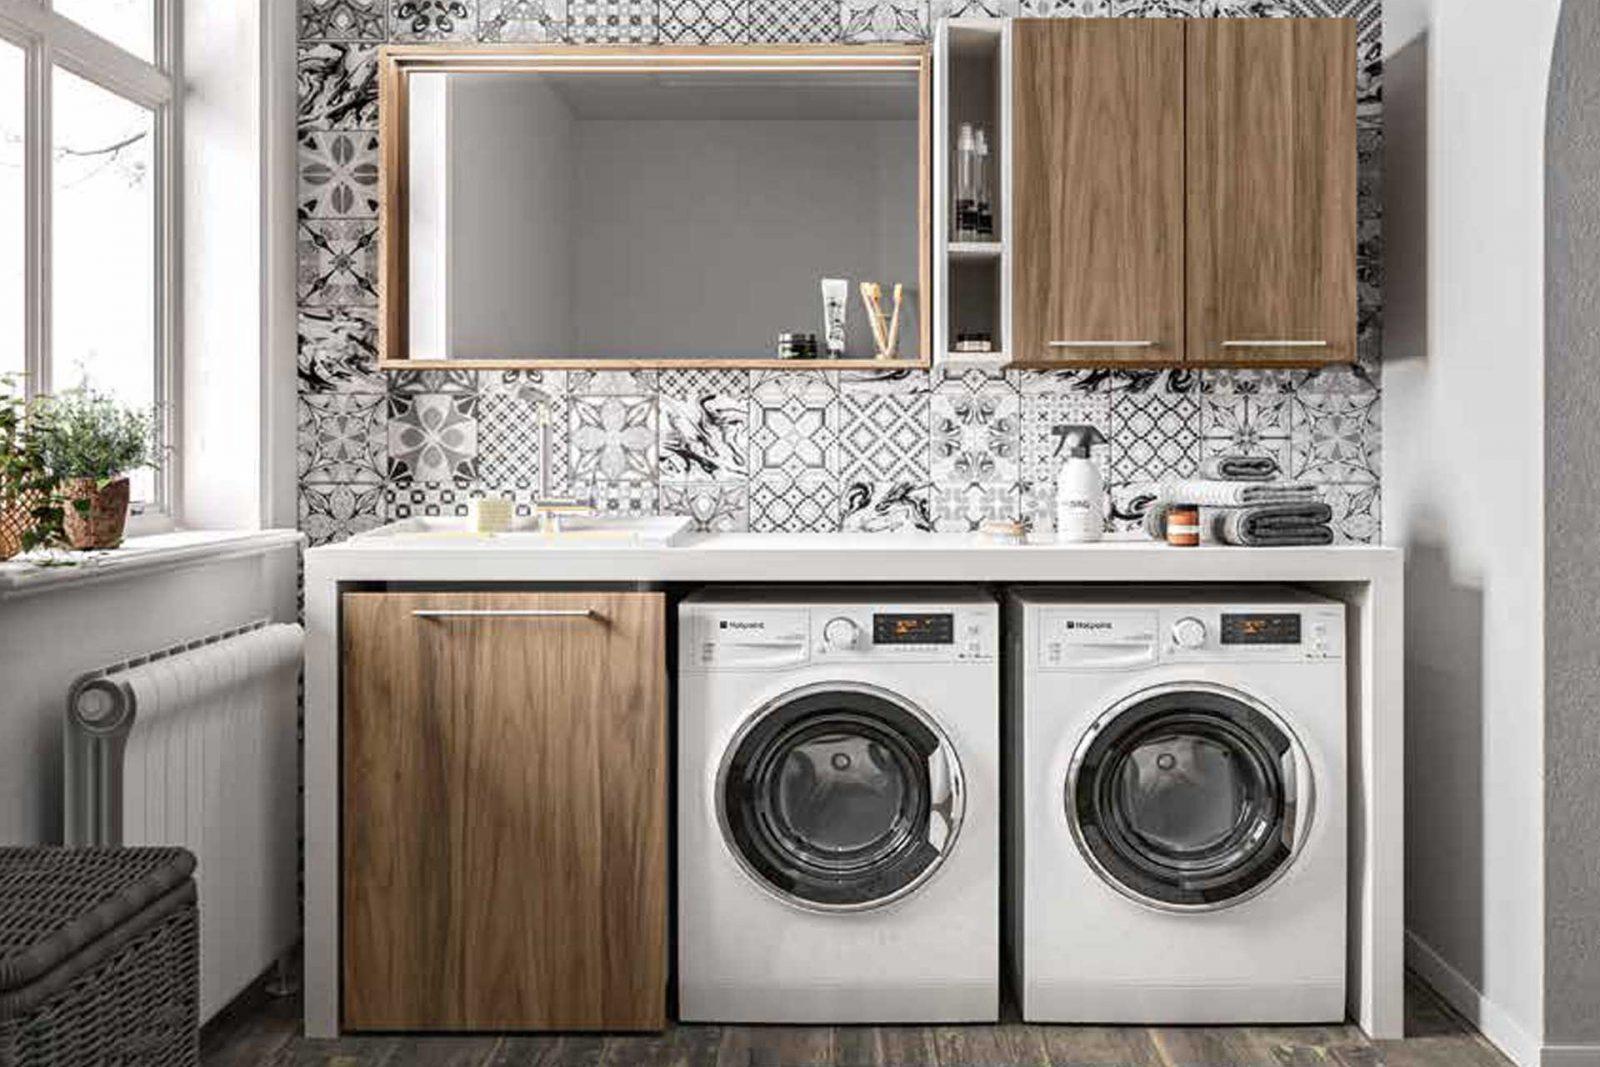 Mobile Colonna Lavatrice Asciugatrice lavanderia , lavanderia domestica, stireria, locali di servizio